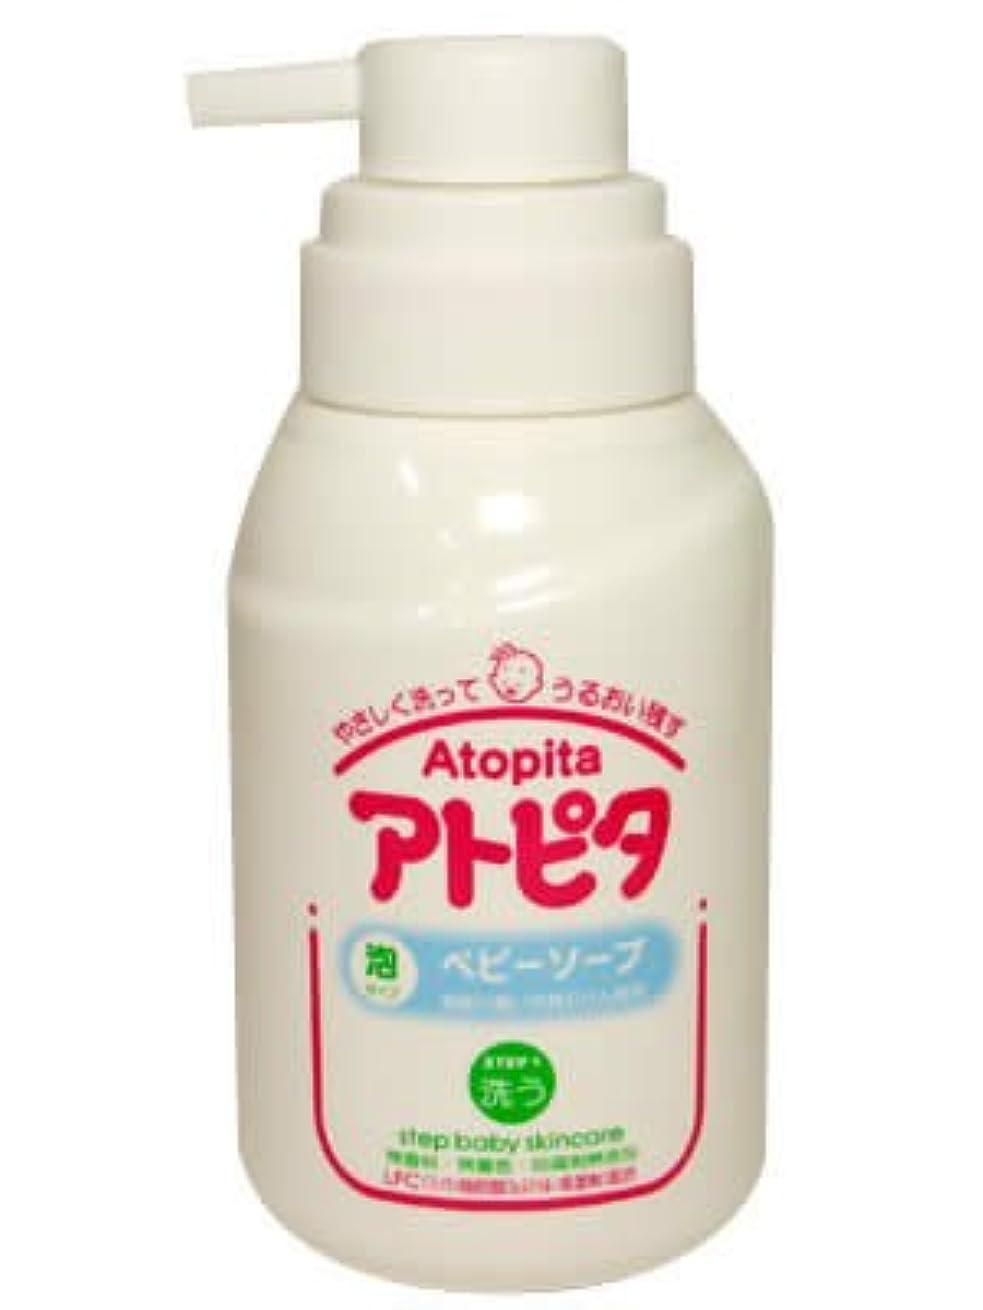 思い出させる玉ねぎリーフレット新アルエット アトピタ 全身ベビーソープ泡タイプ 350ml ×5個セット